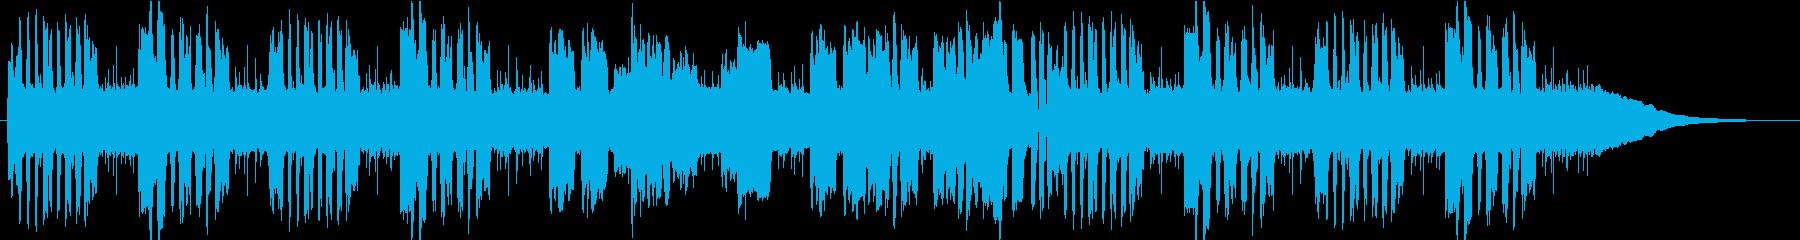 晴れの日に聞きたいほのぼのリコーダーの再生済みの波形